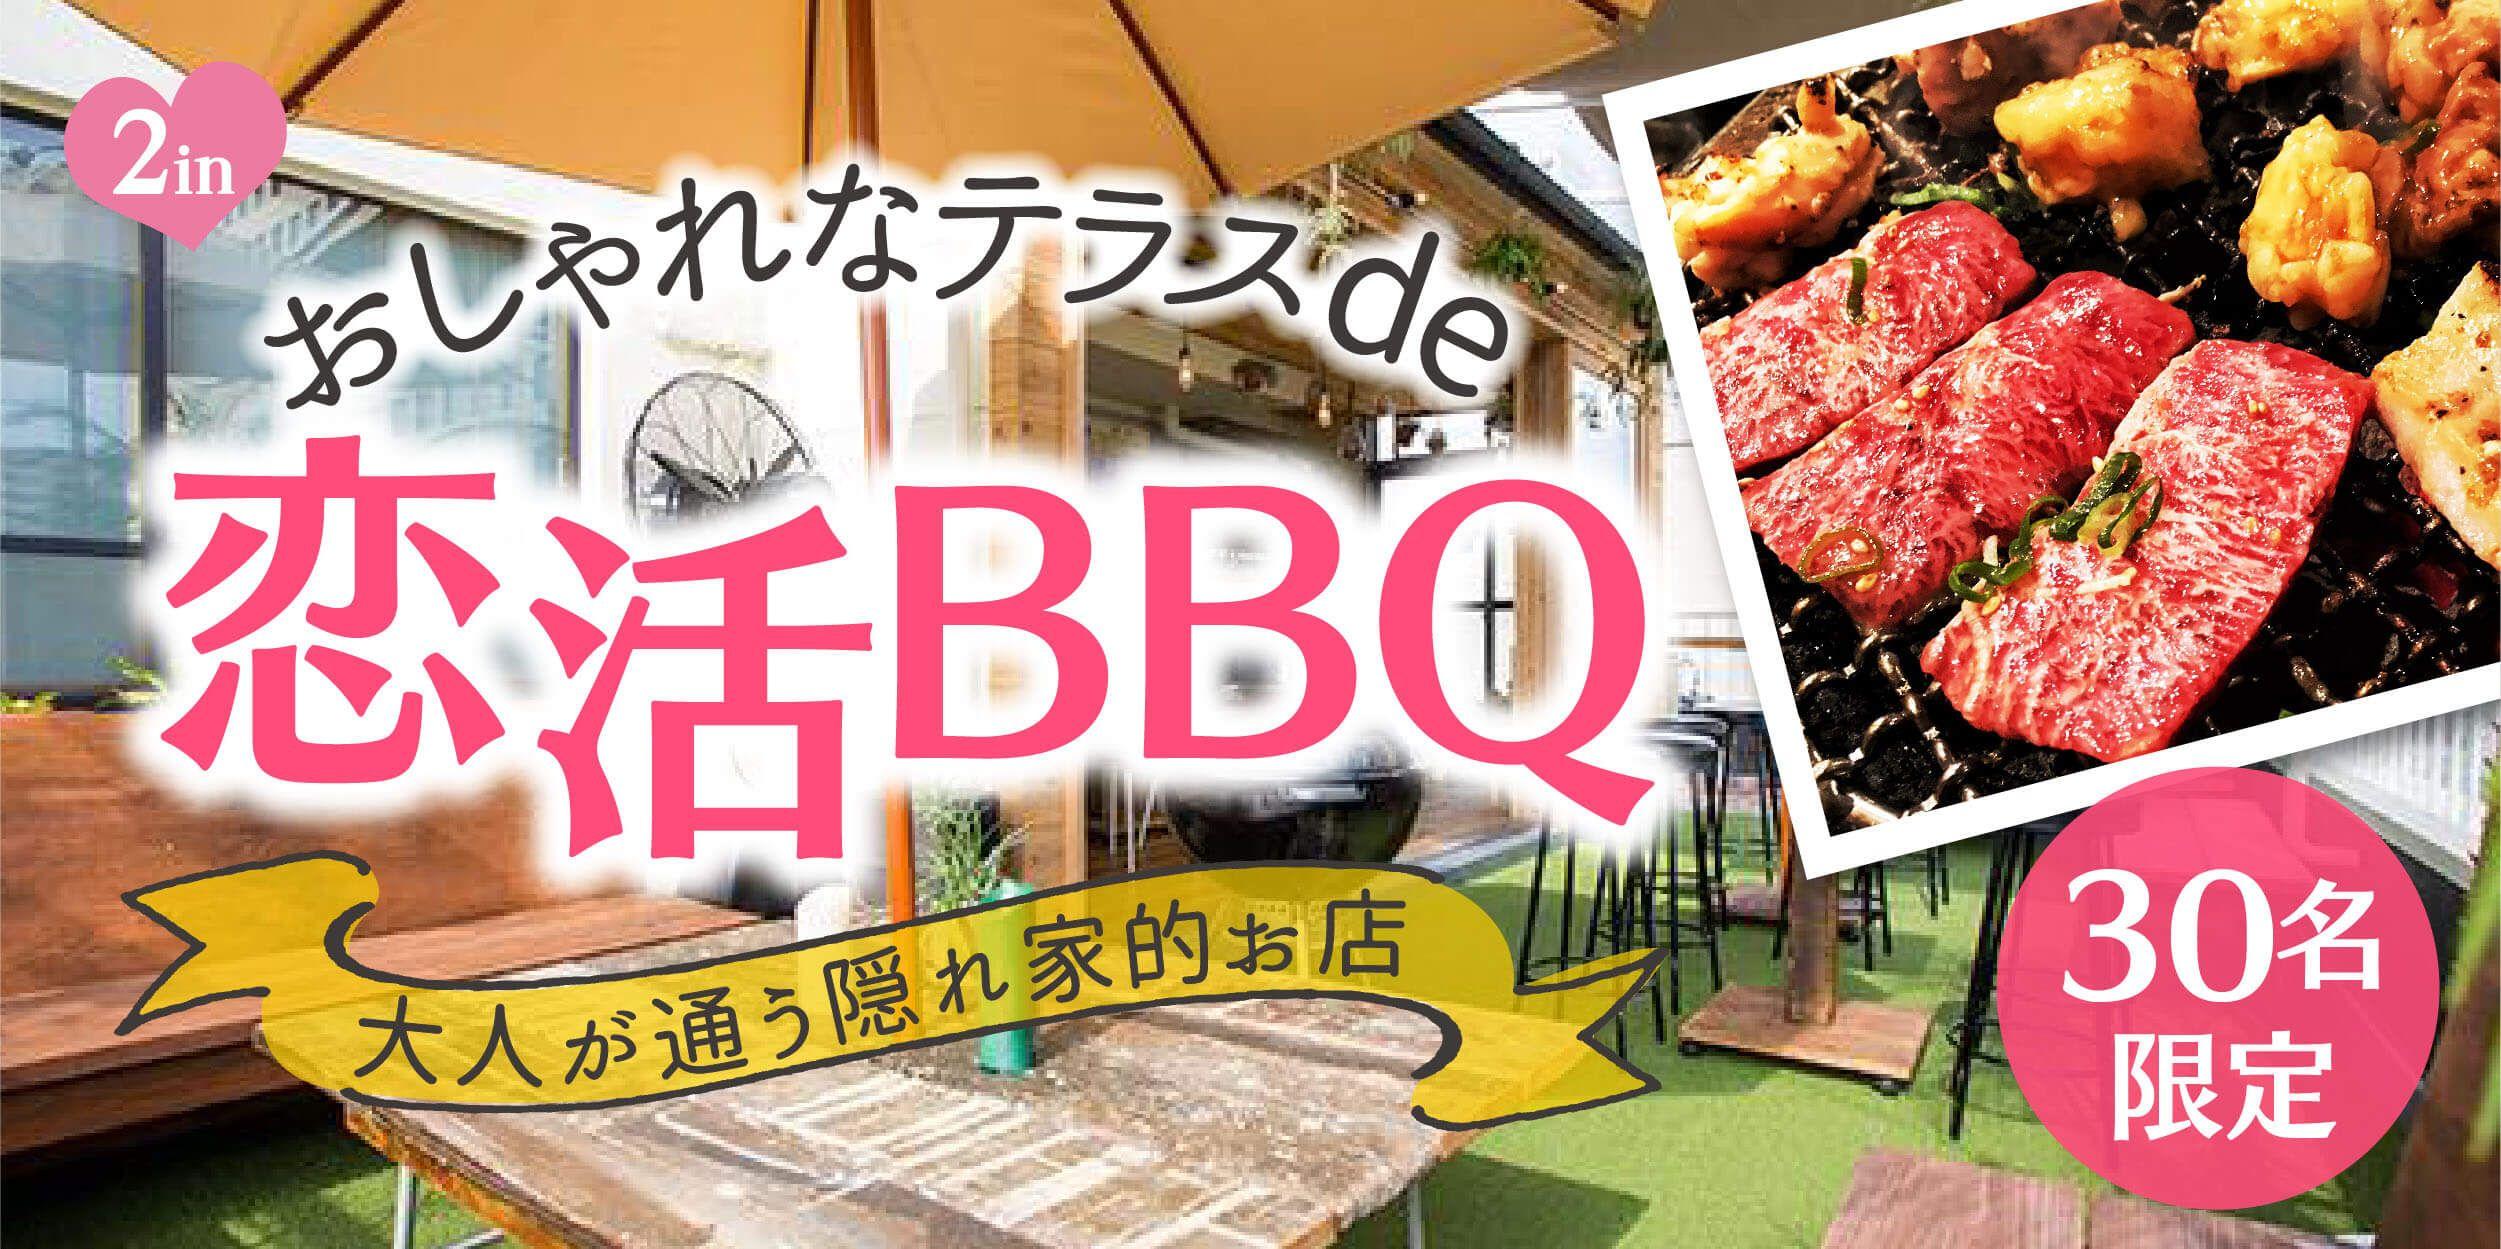 【表町・田町の恋活パーティー】合同会社ツイン主催 2017年4月29日